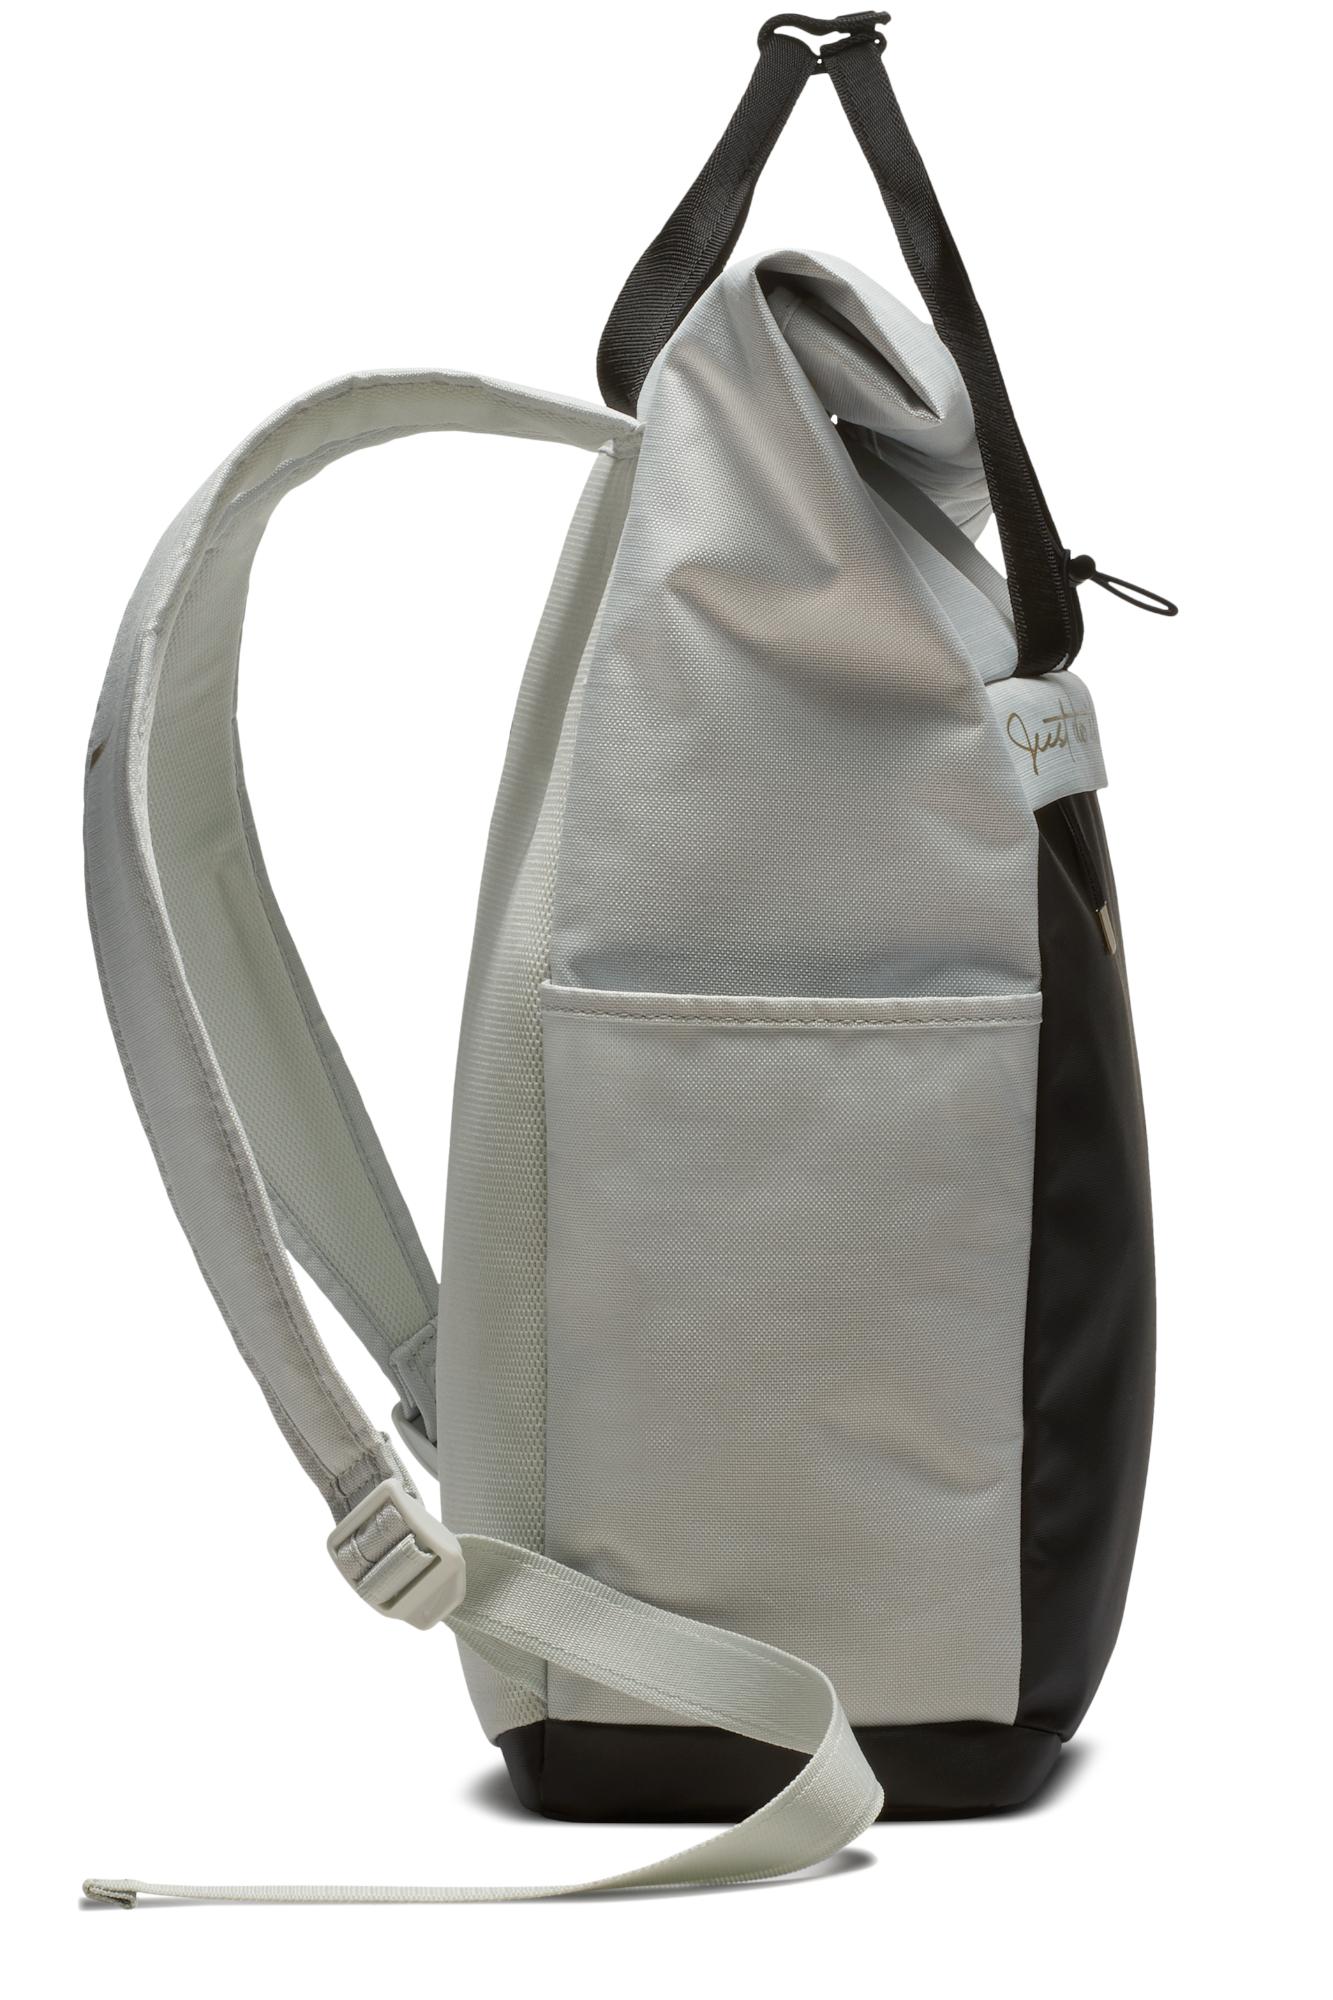 bf9bccffc4f1b Plecak Nike Radiate - BA5847-034 / Plecaki / Akcesoria / Damskie ...